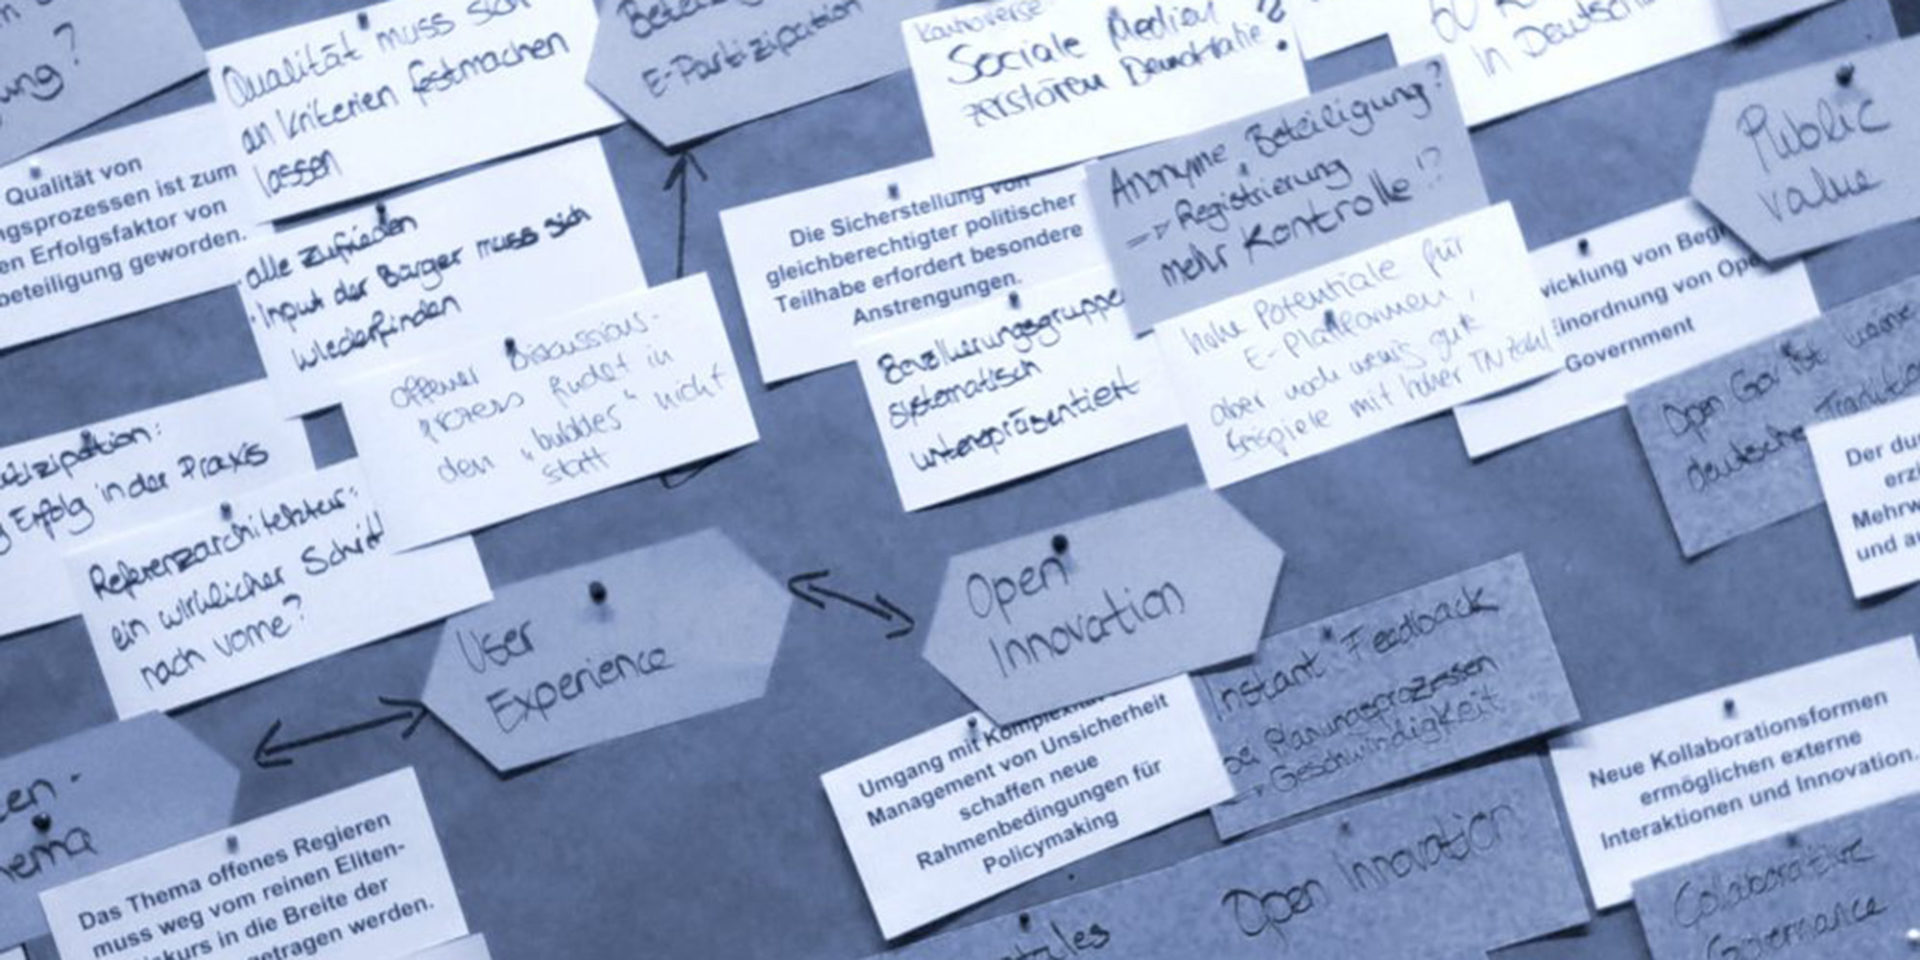 Blick auf eine mit vielen Karten rund um das Thema Open Government bestückte Pinnwand.